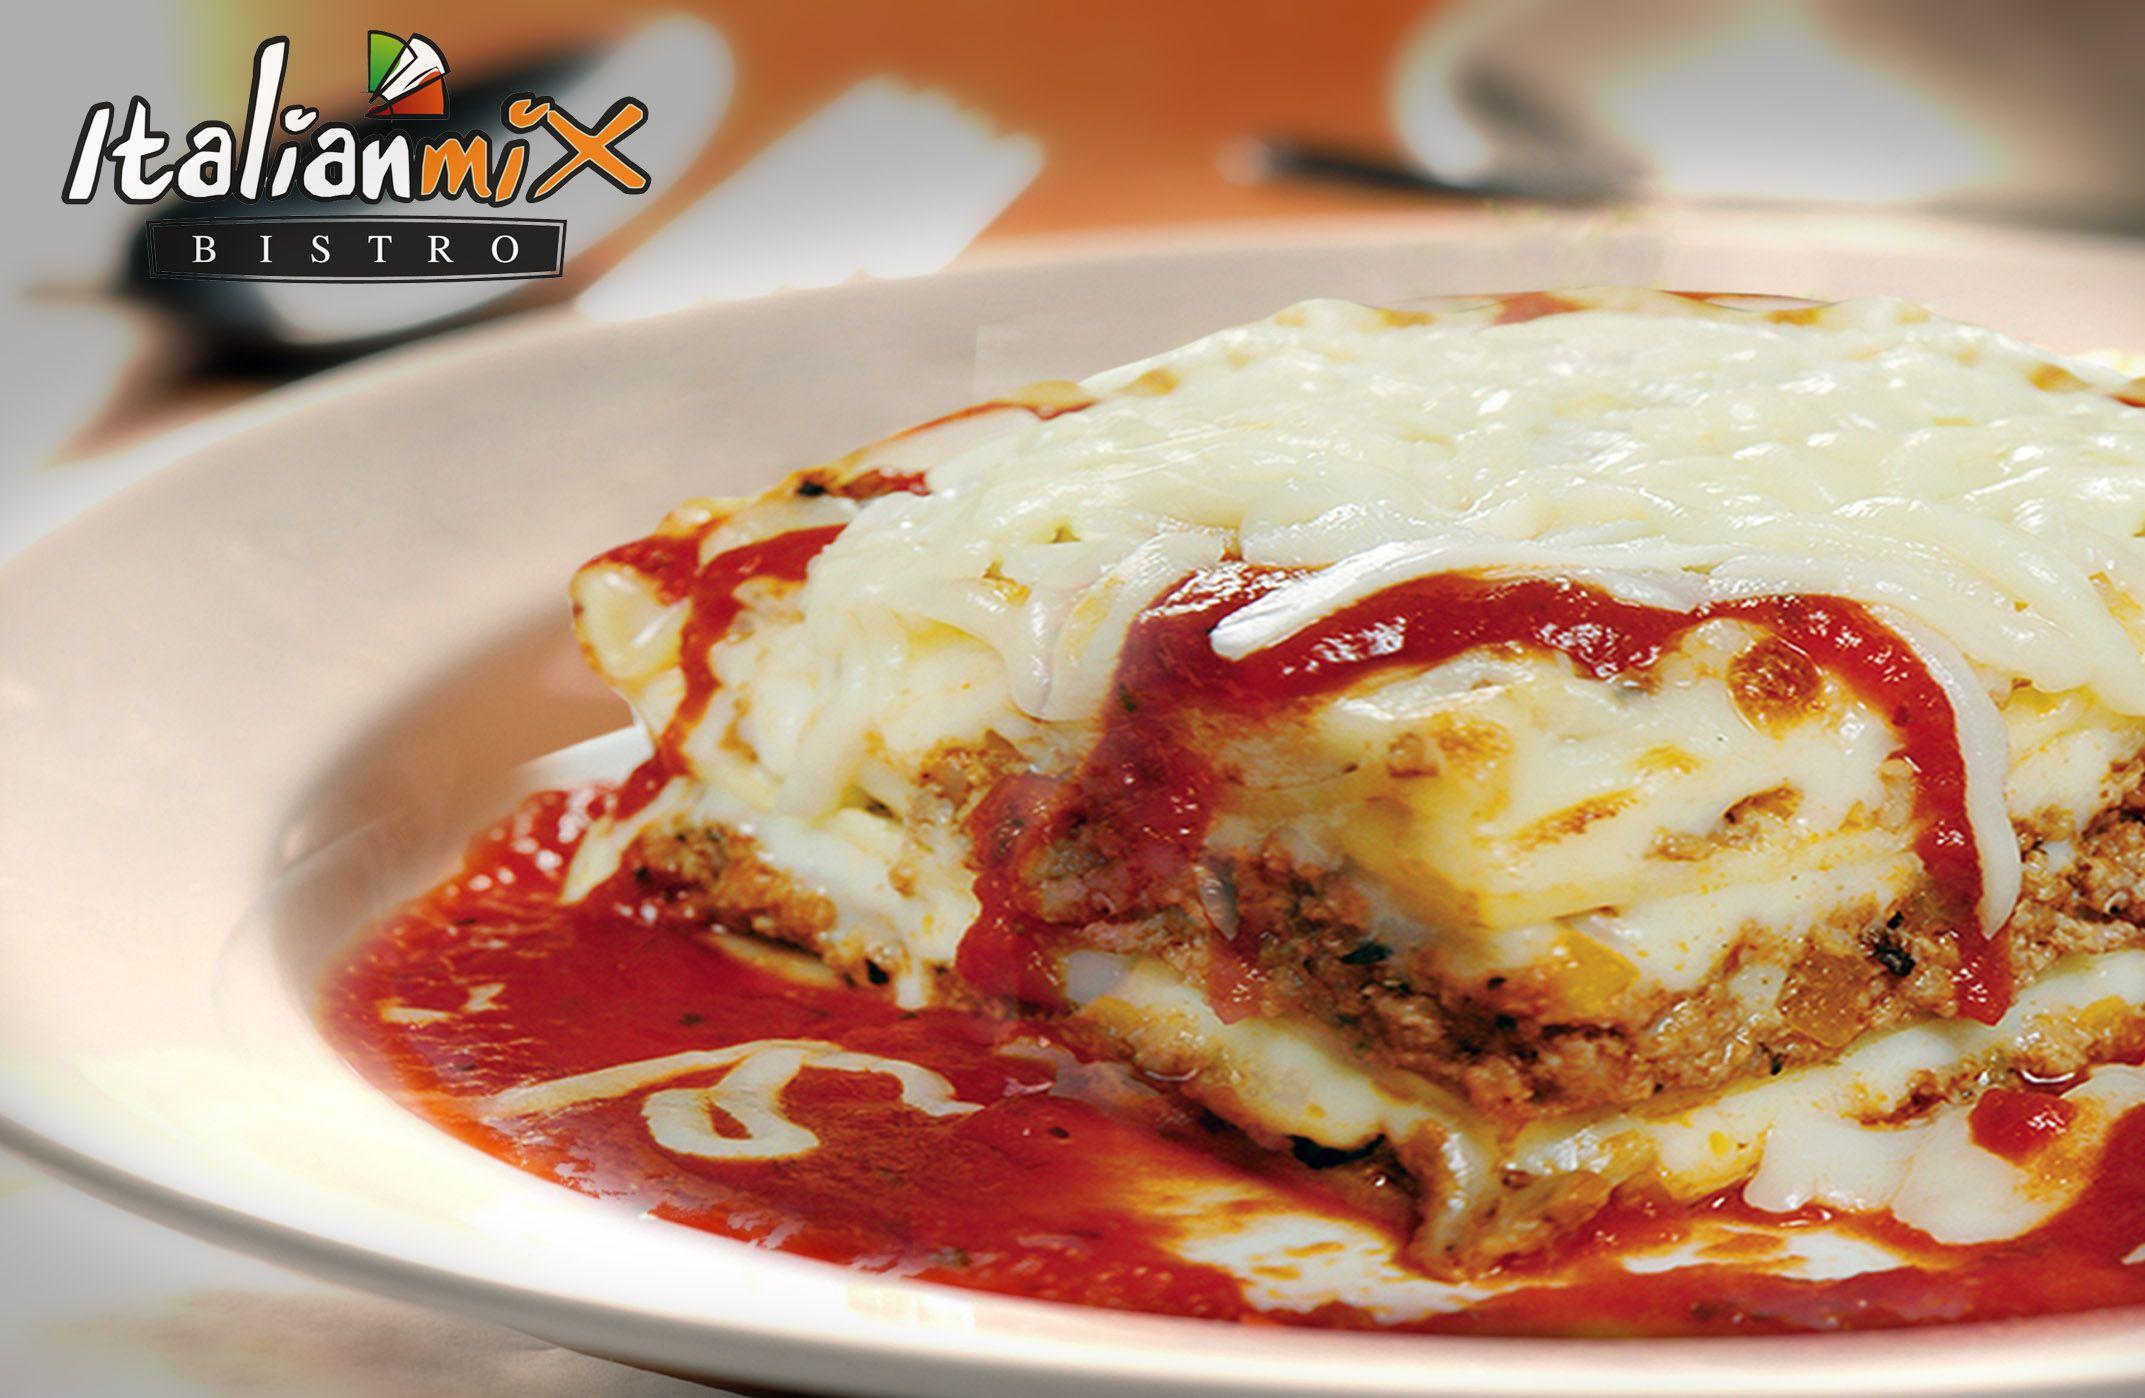 Lasagna de ItalianMix preparada diariamente con ingredientes frescos y de alta calidad.